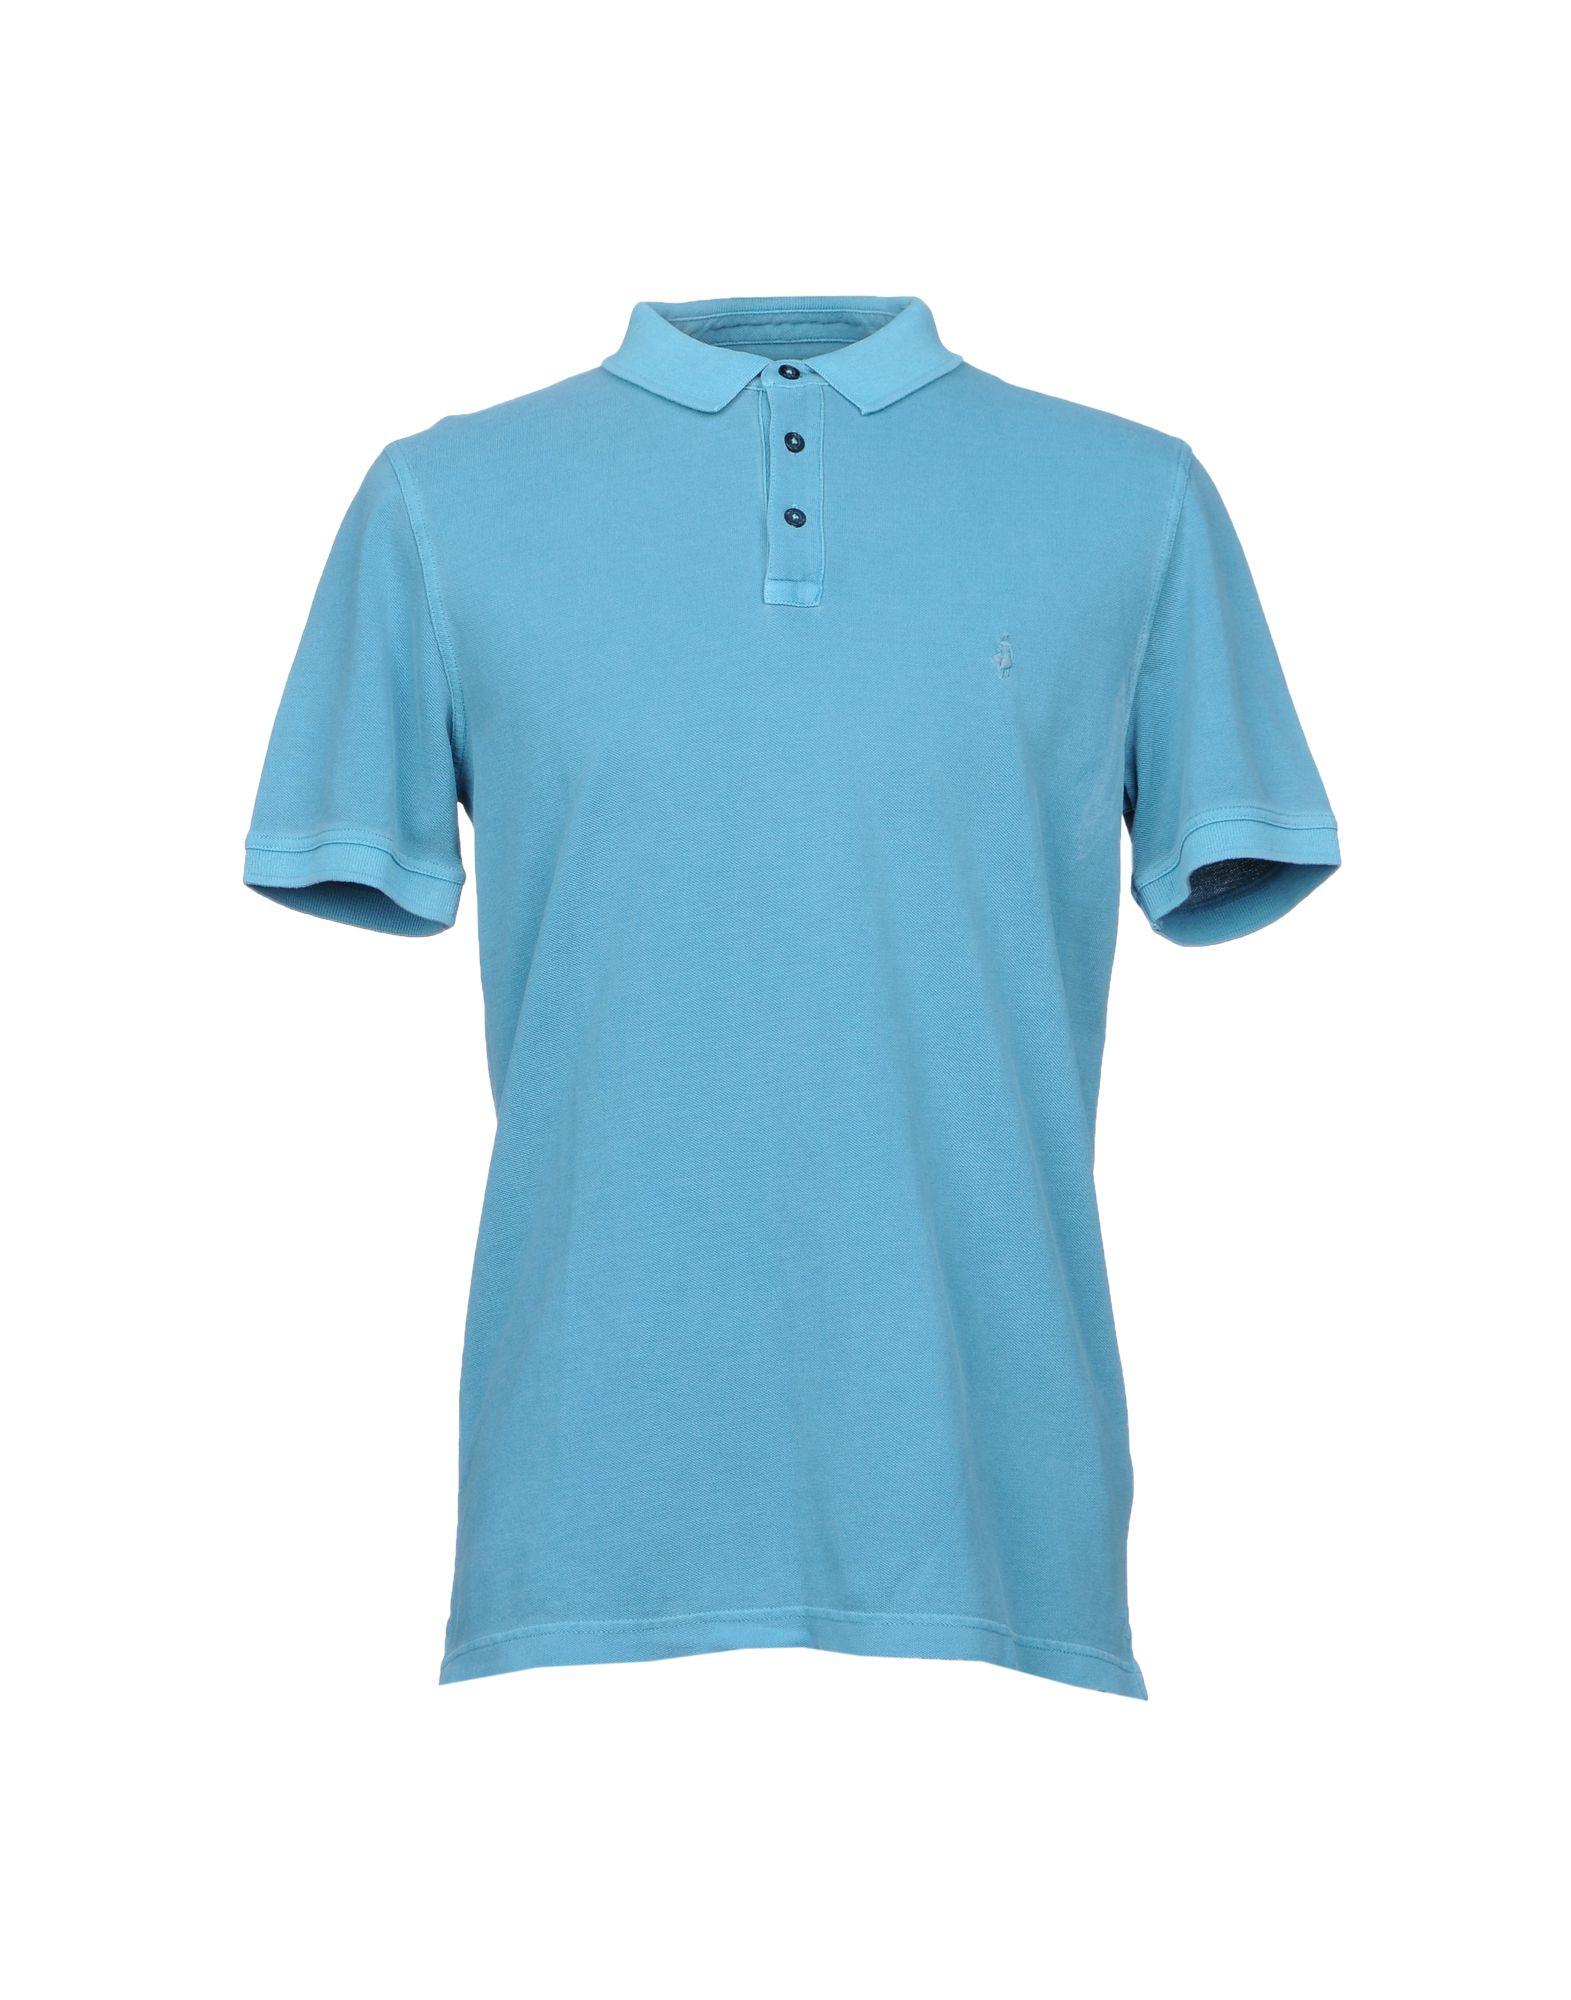 《送料無料》MCS MARLBORO CLASSICS メンズ ポロシャツ スカイブルー XL コットン 100%